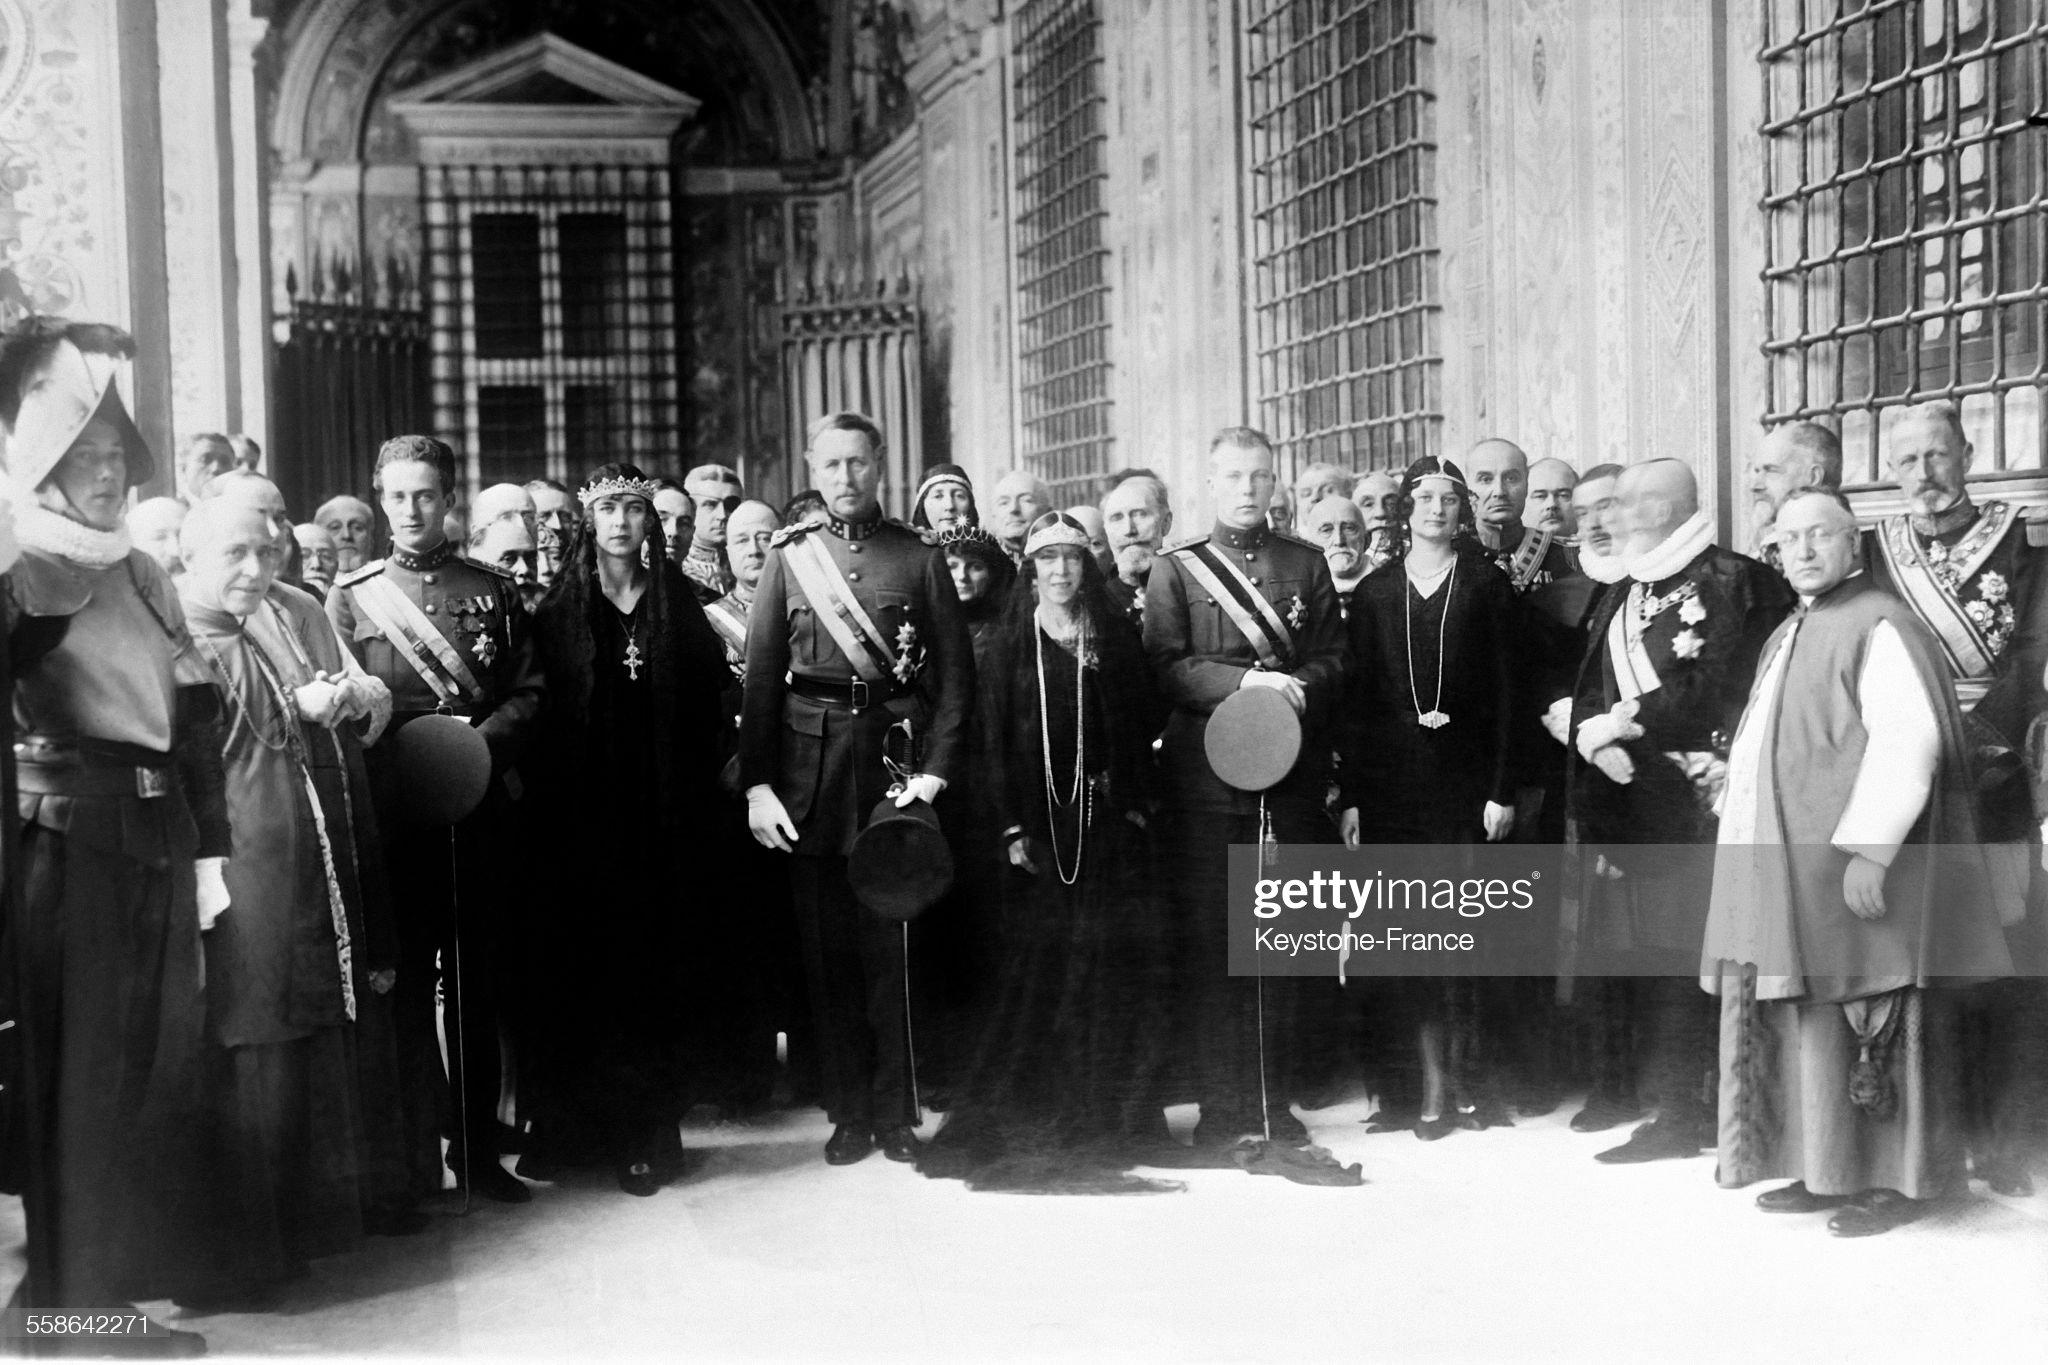 le-prince-lopold-la-princesse-mariejos-le-roi-albert-ier-de-belgique-picture-id558642271